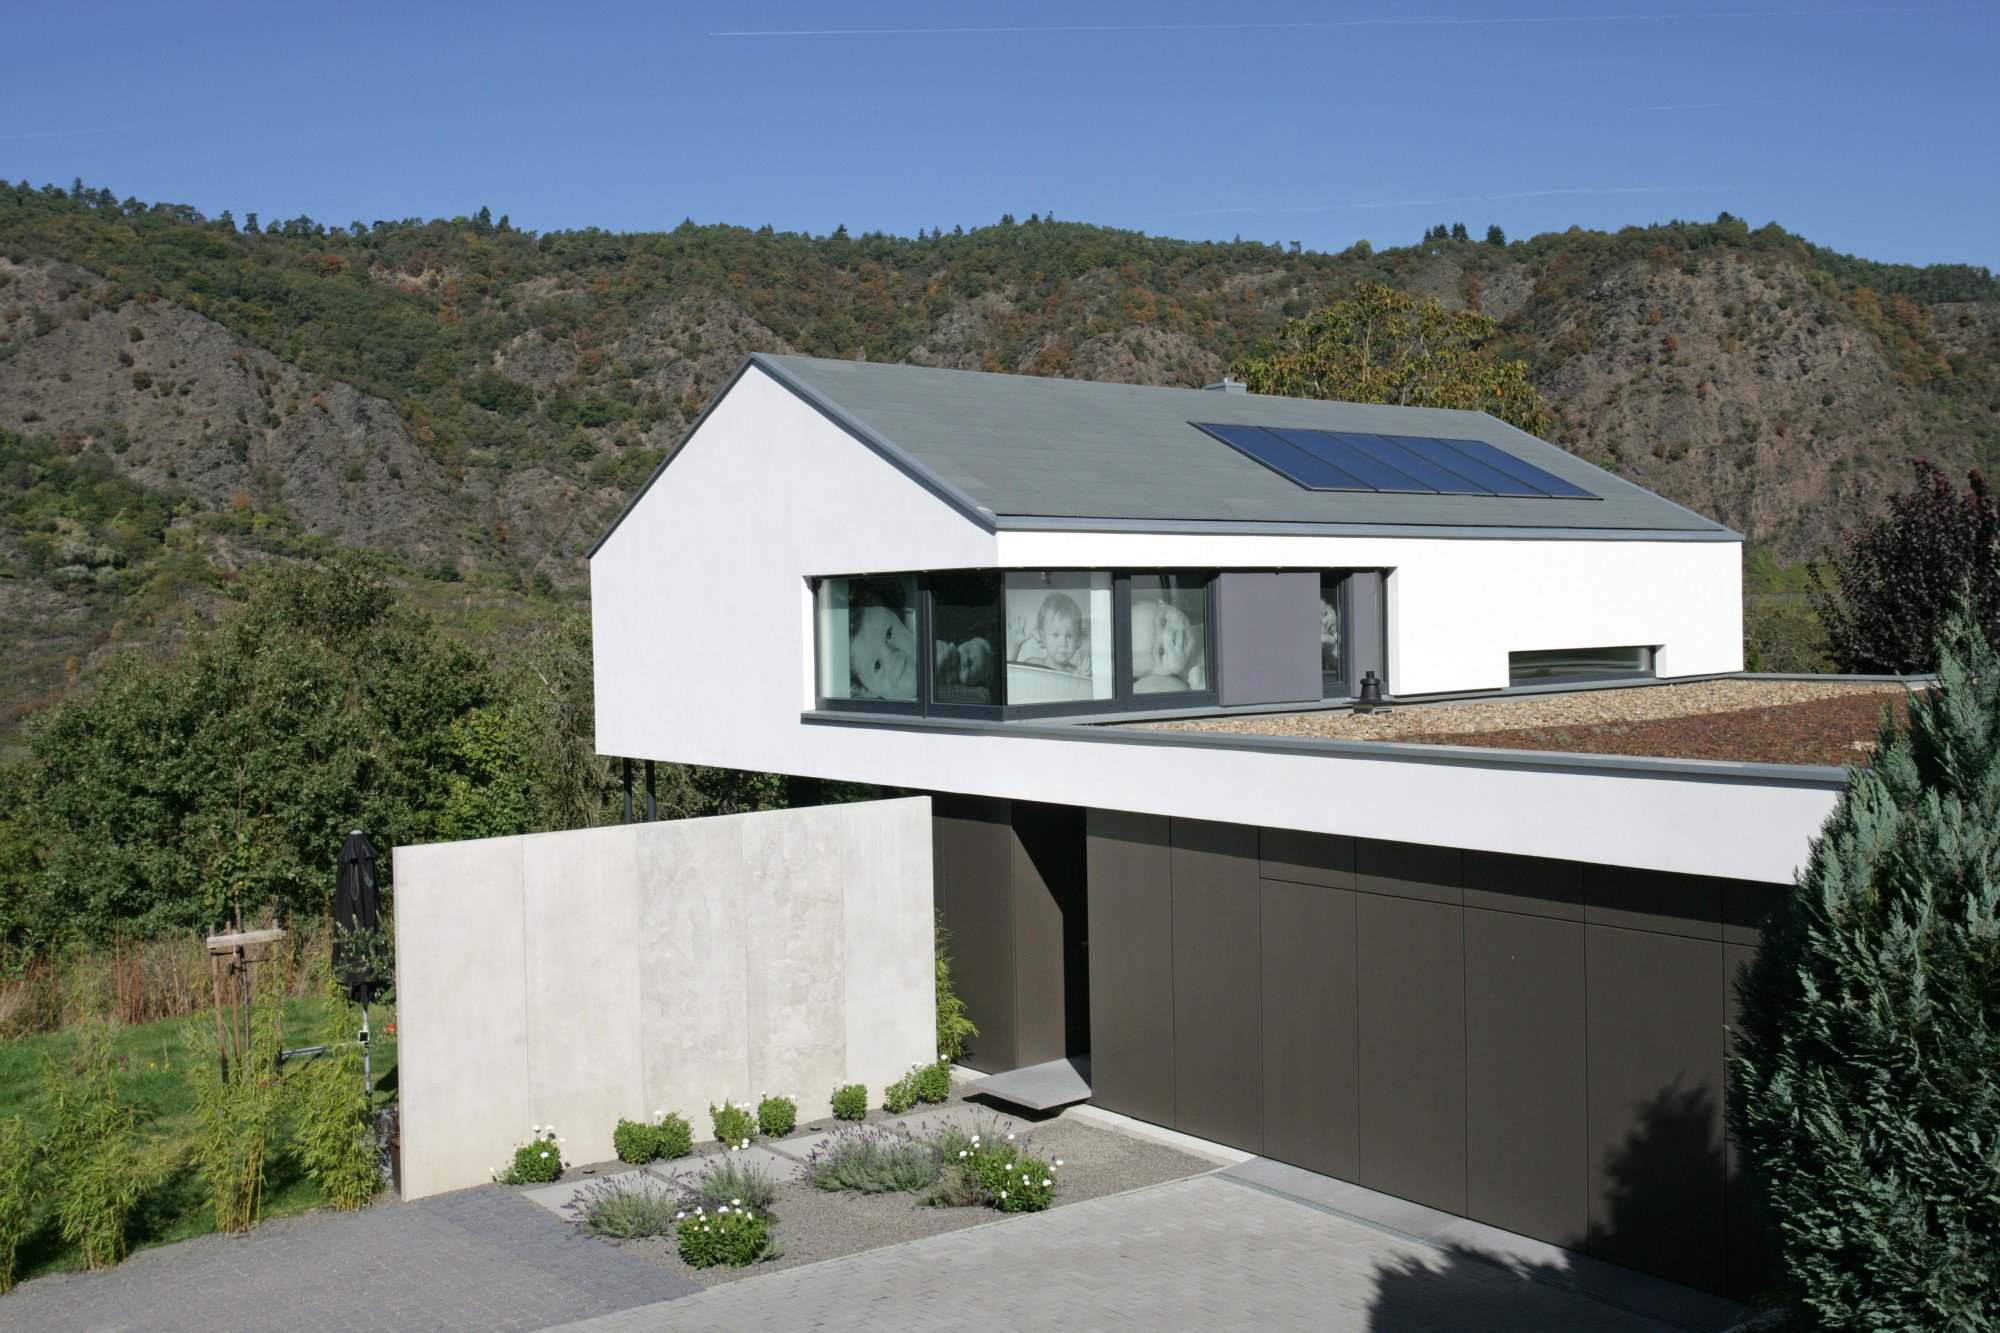 Fassadengestaltung einfamilienhaus schwarzes dach  Einfamilienhaus in Cochem | Geneigtes Dach | Wohnen | Baunetz_Wissen